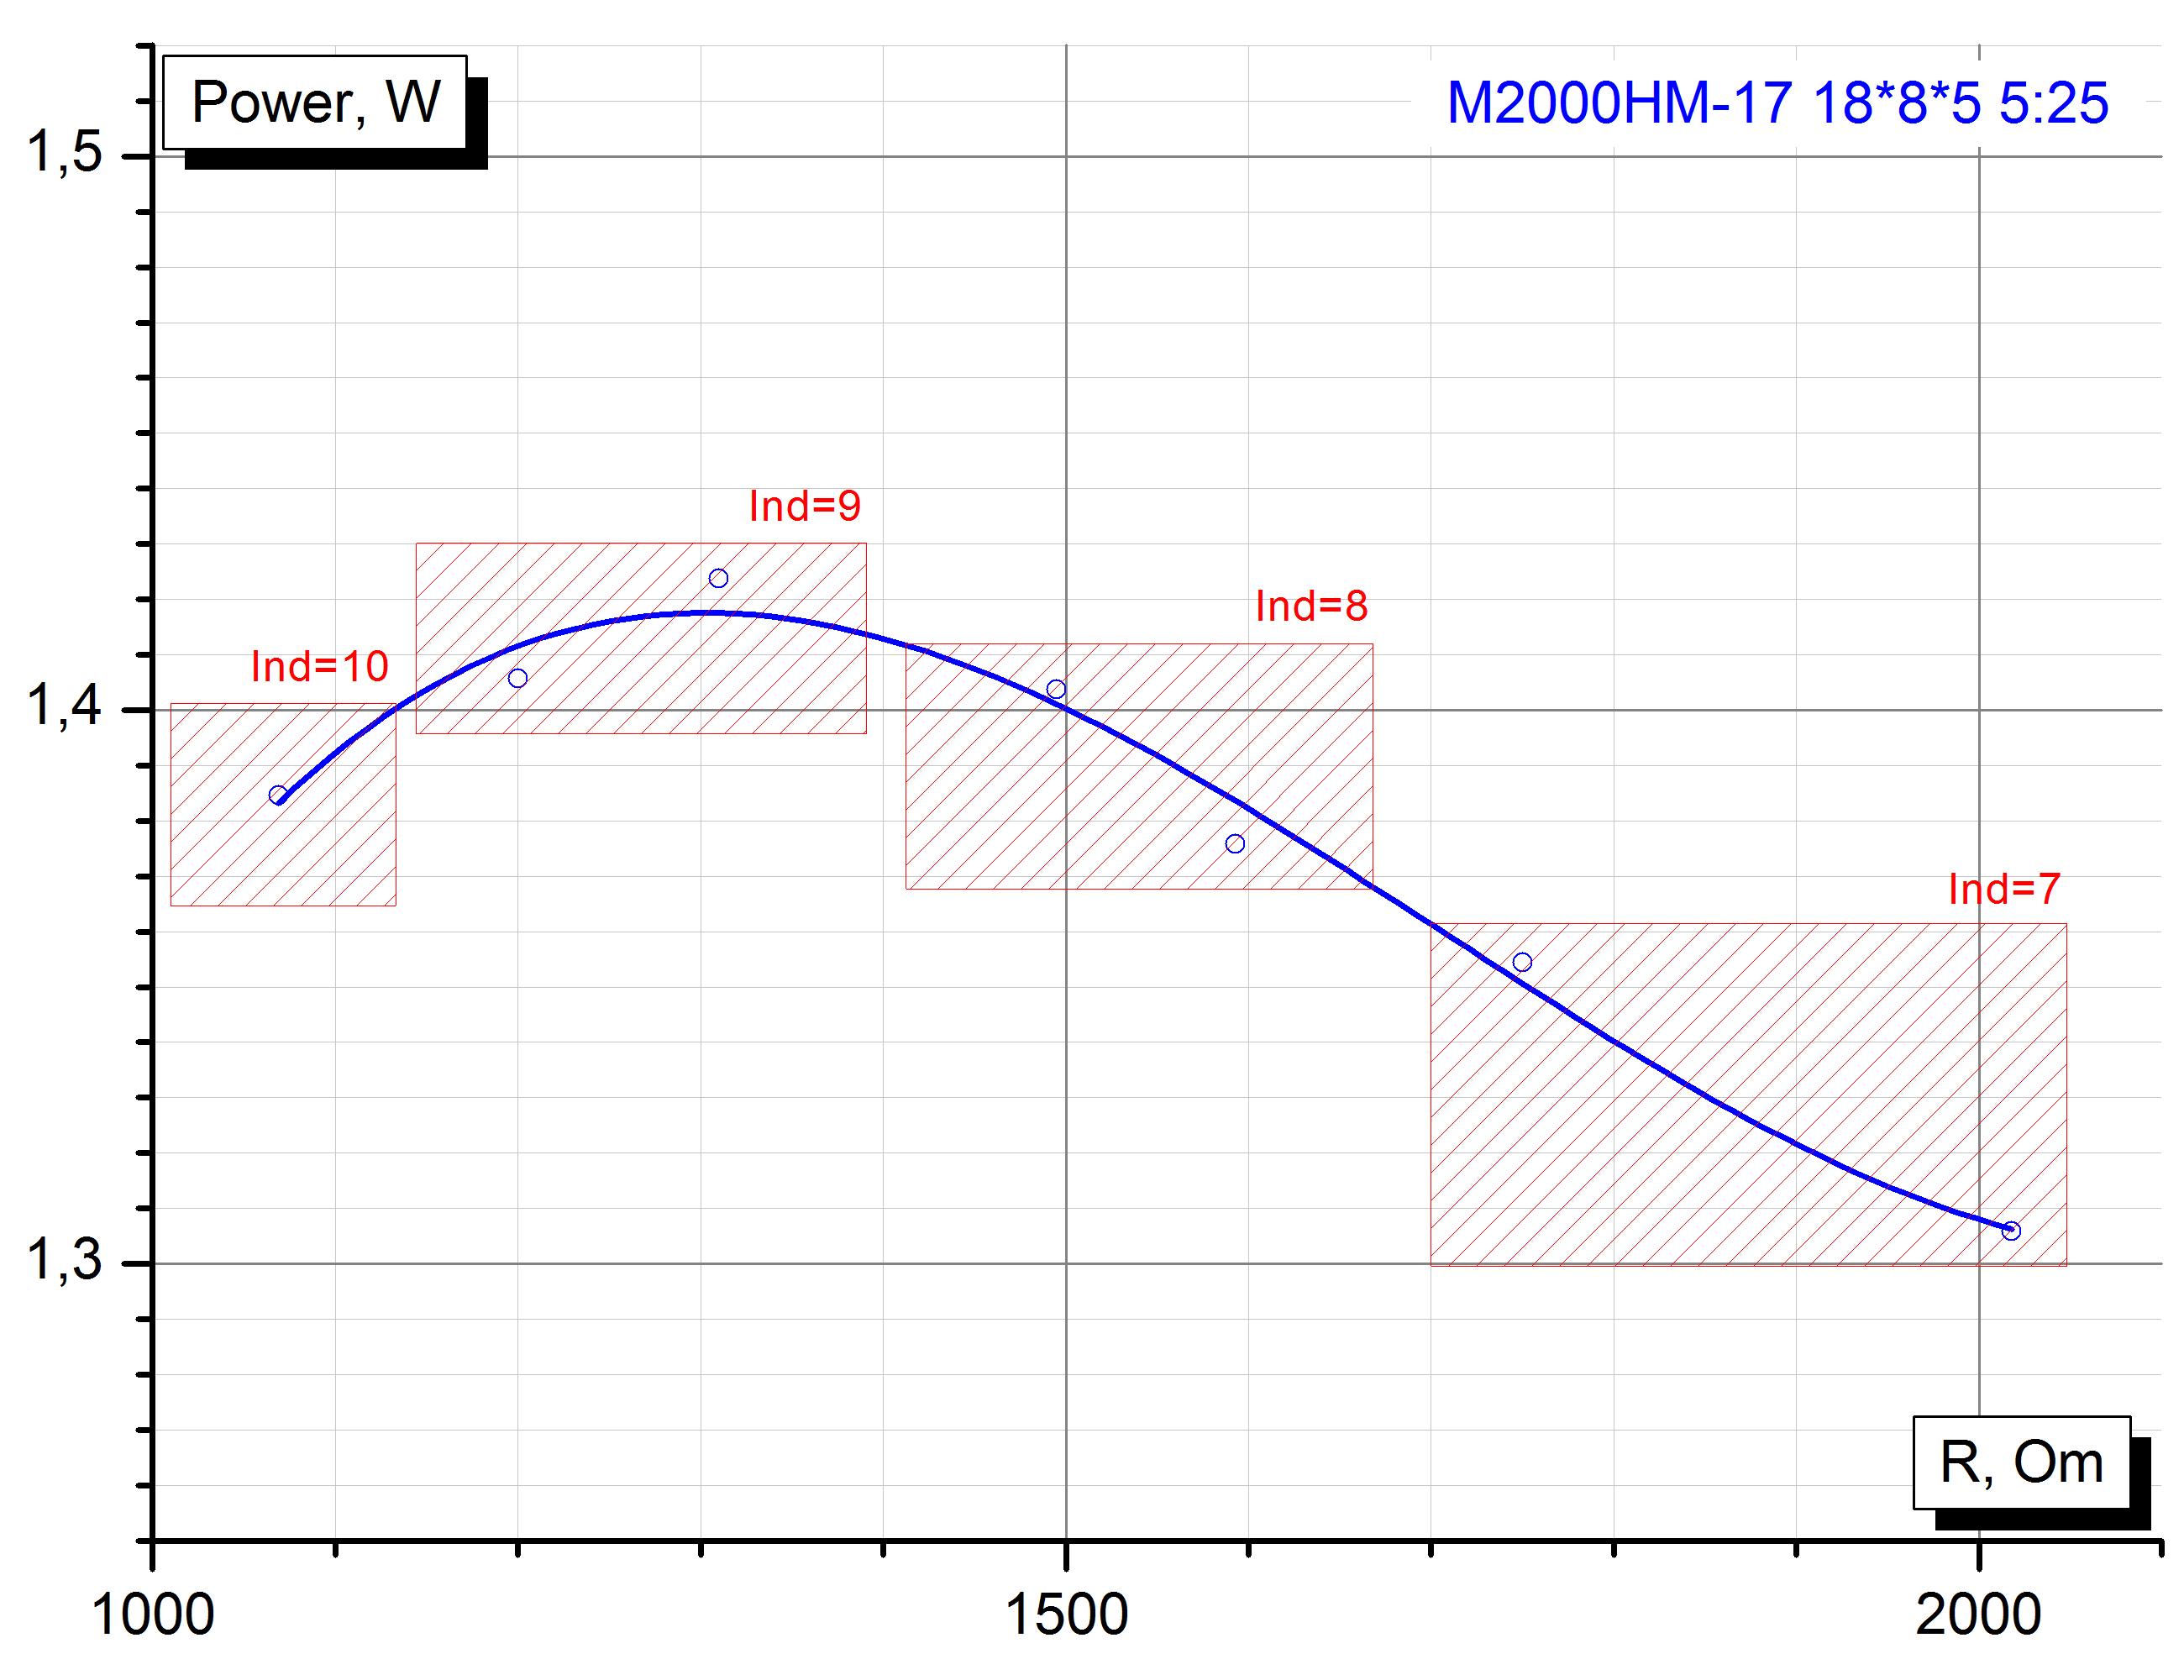 М2000НМ-17 К18*8*5, трансформатор импеданса 1:25 по сопротивлению.